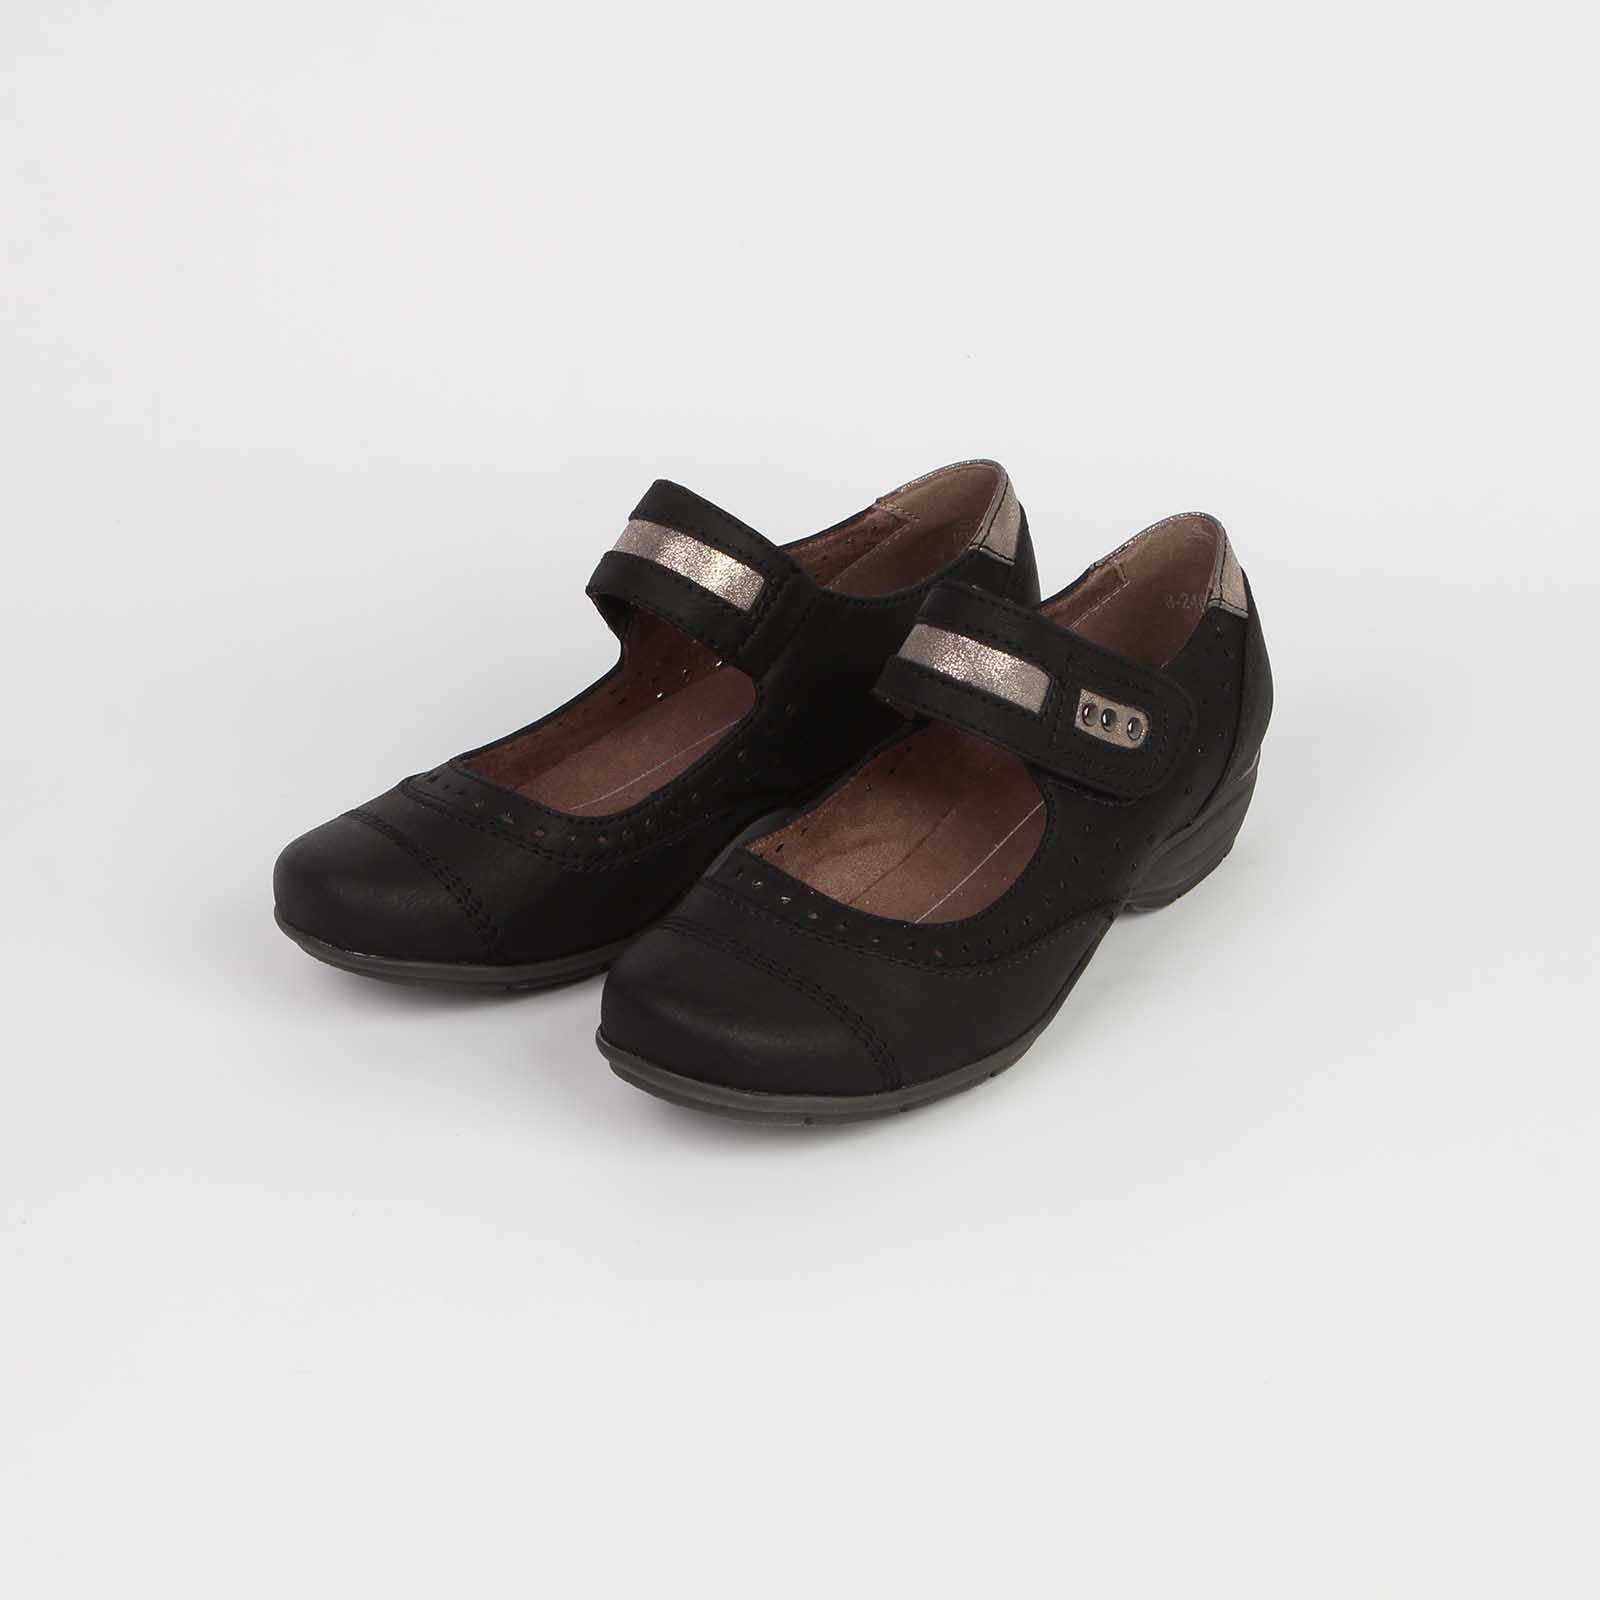 Туфли женские на низком каблуке с вставками под «рептилию»